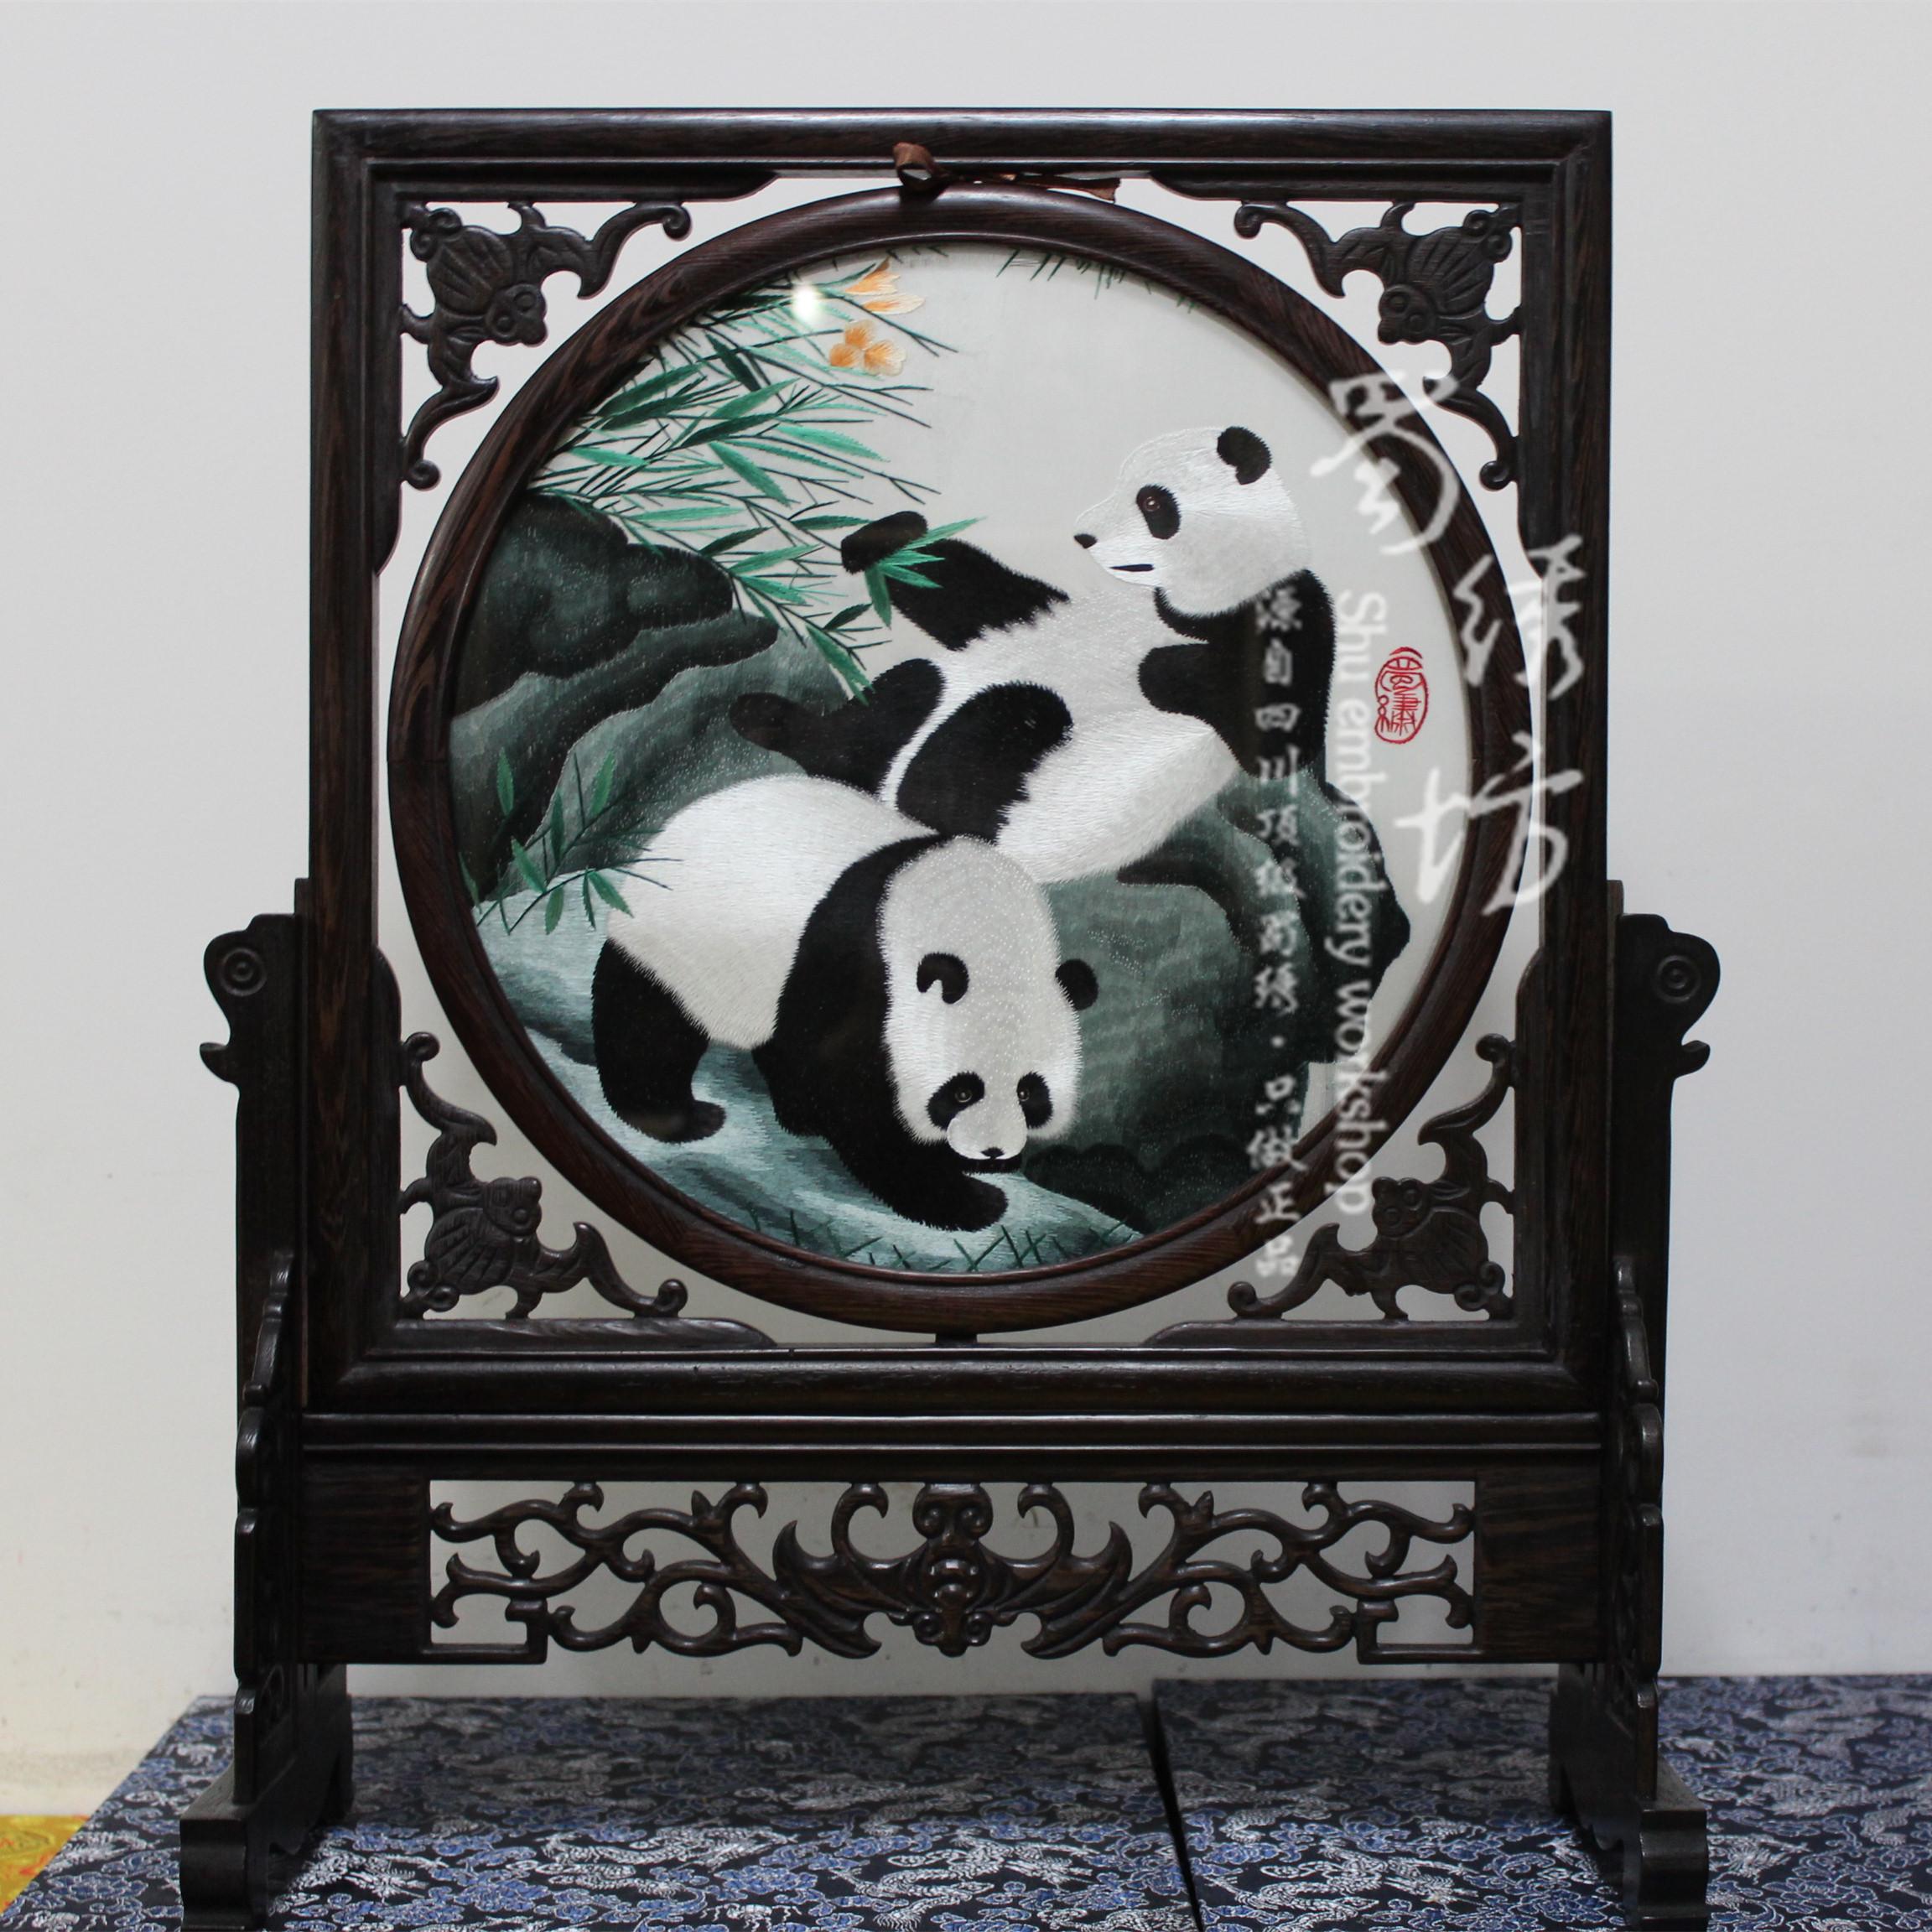 成都特色蜀锦蜀绣鸡翅木框架双面绣熊猫屏风 商务外事会议礼品